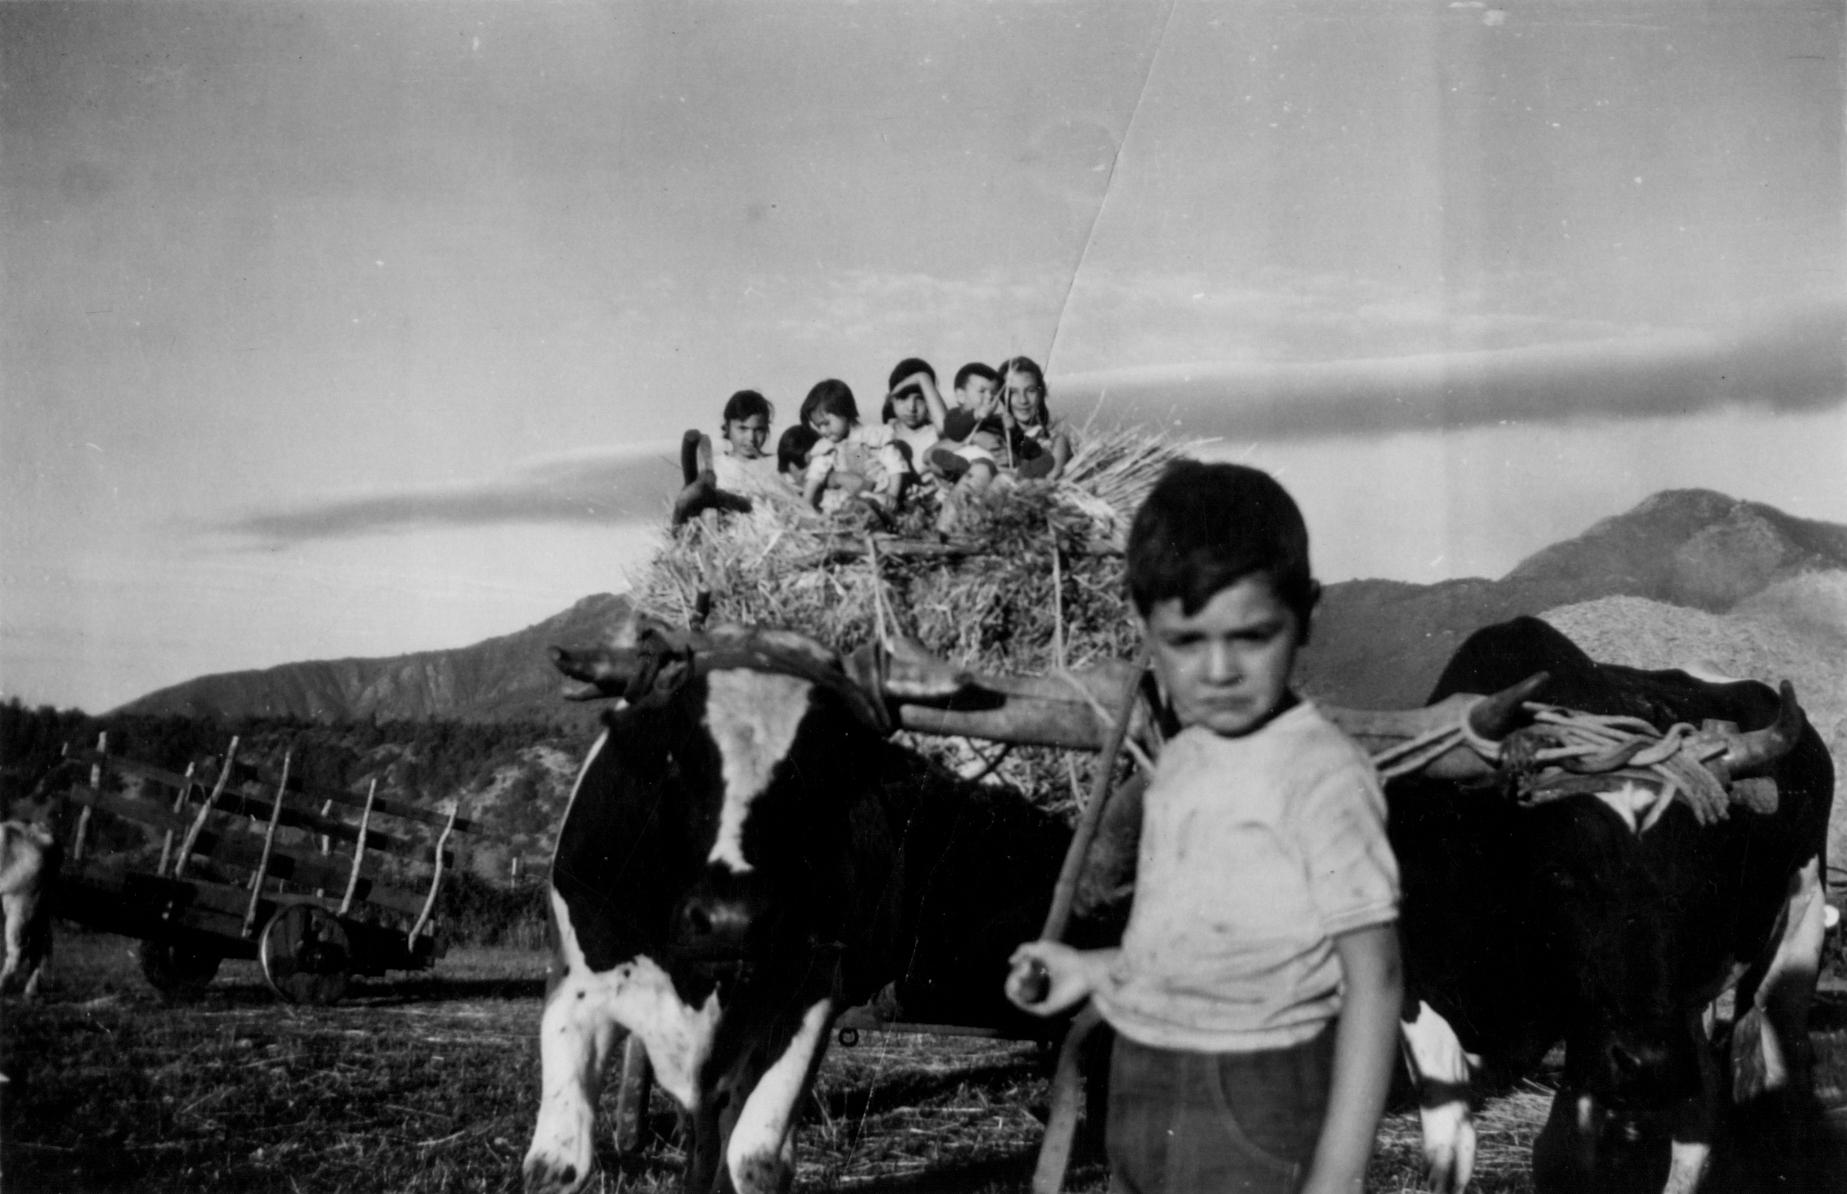 Enterreno - Fotos históricas de chile - fotos antiguas de Chile - Potrero Grande, Curicó en 1960